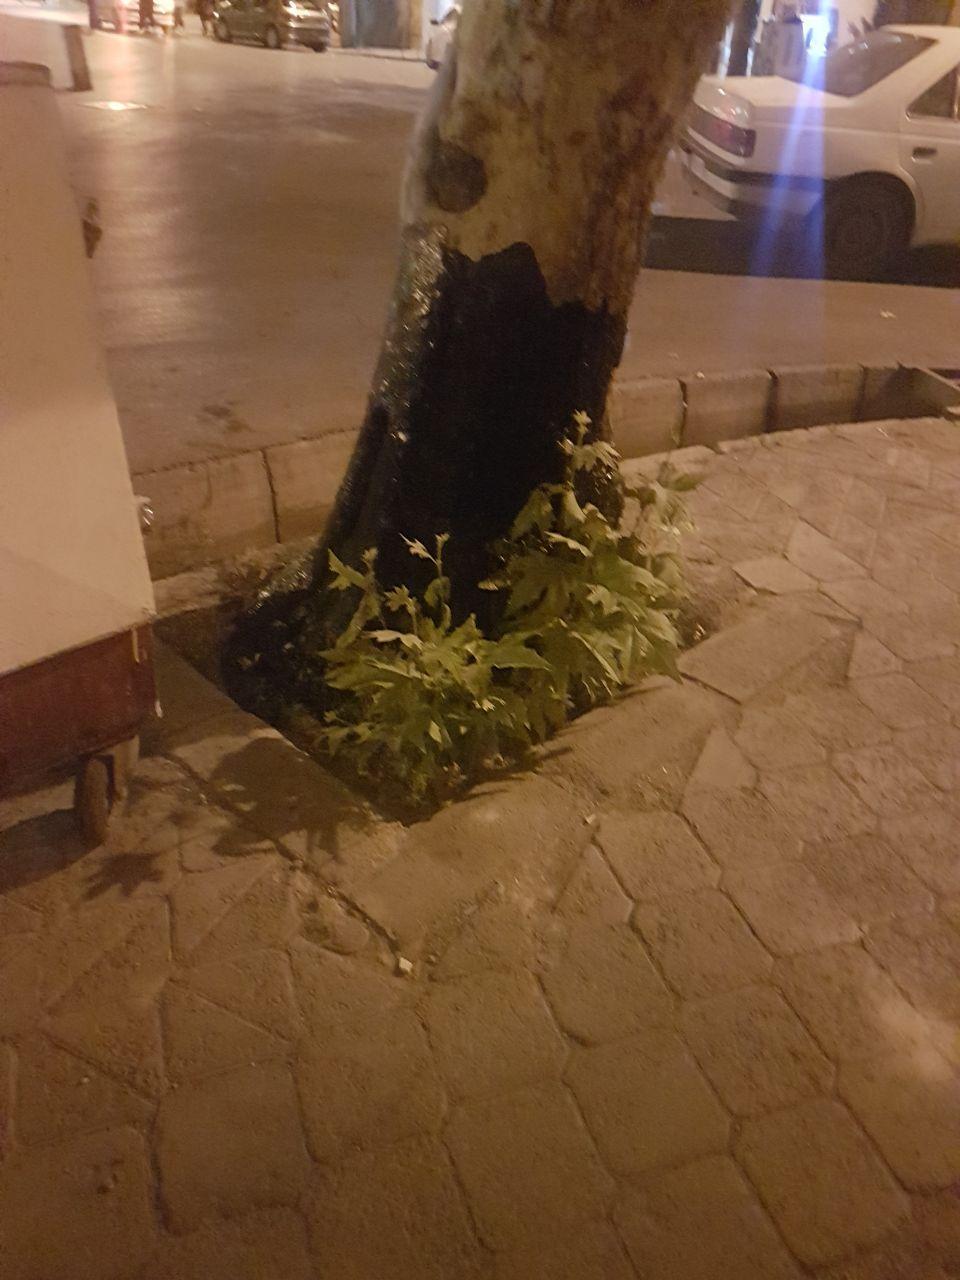 ریختن محلول نامعلوم (احتمالا قیر و گازوئیل) برای خشکاندن درخت